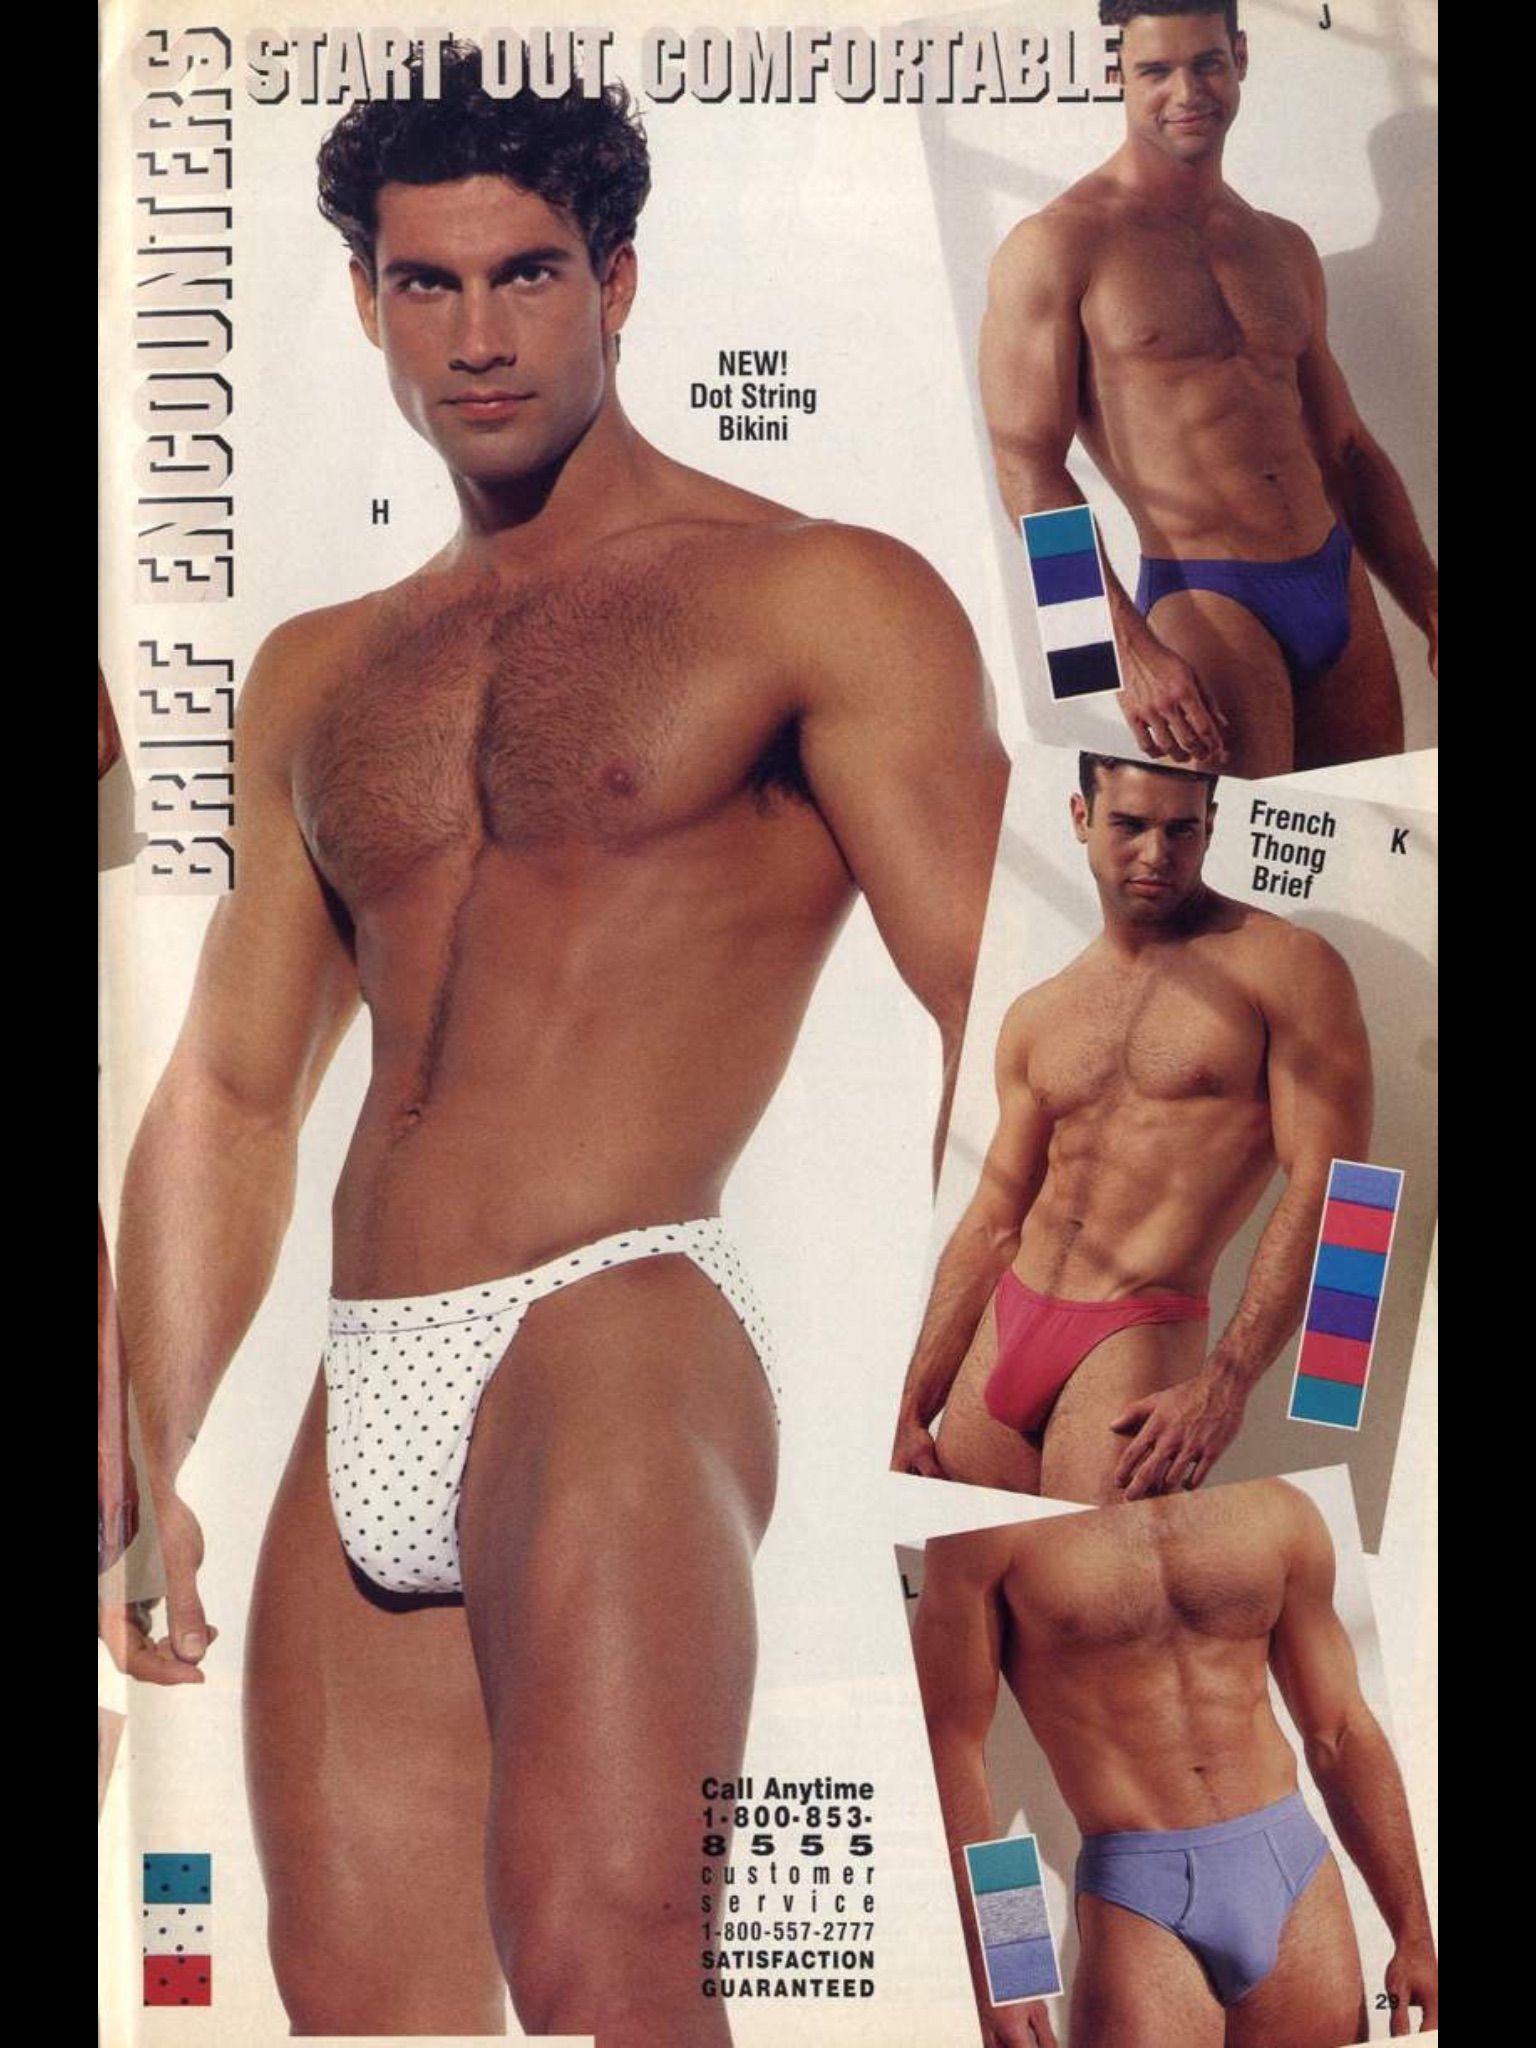 6260927a5525 Undergear men's underwear catalog | 80's / 90's Men's underwear ...